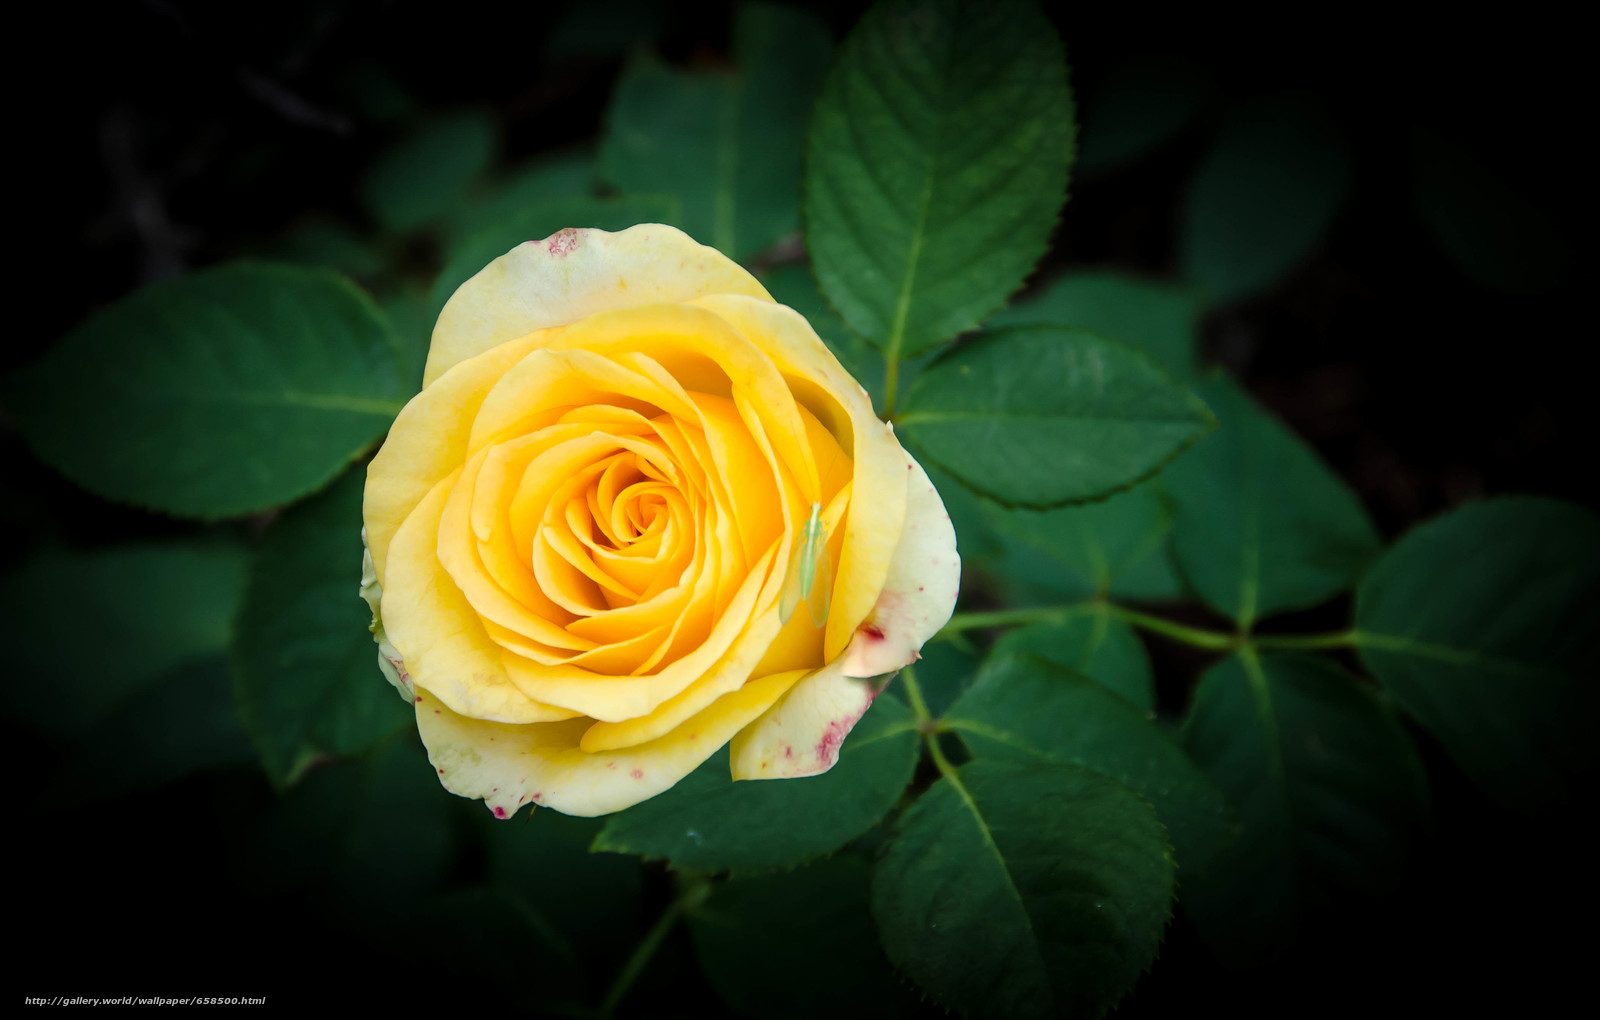 Скачать обои цветок,  цветы,  флора,  роза бесплатно для рабочего стола в разрешении 4215x2688 — картинка №658500